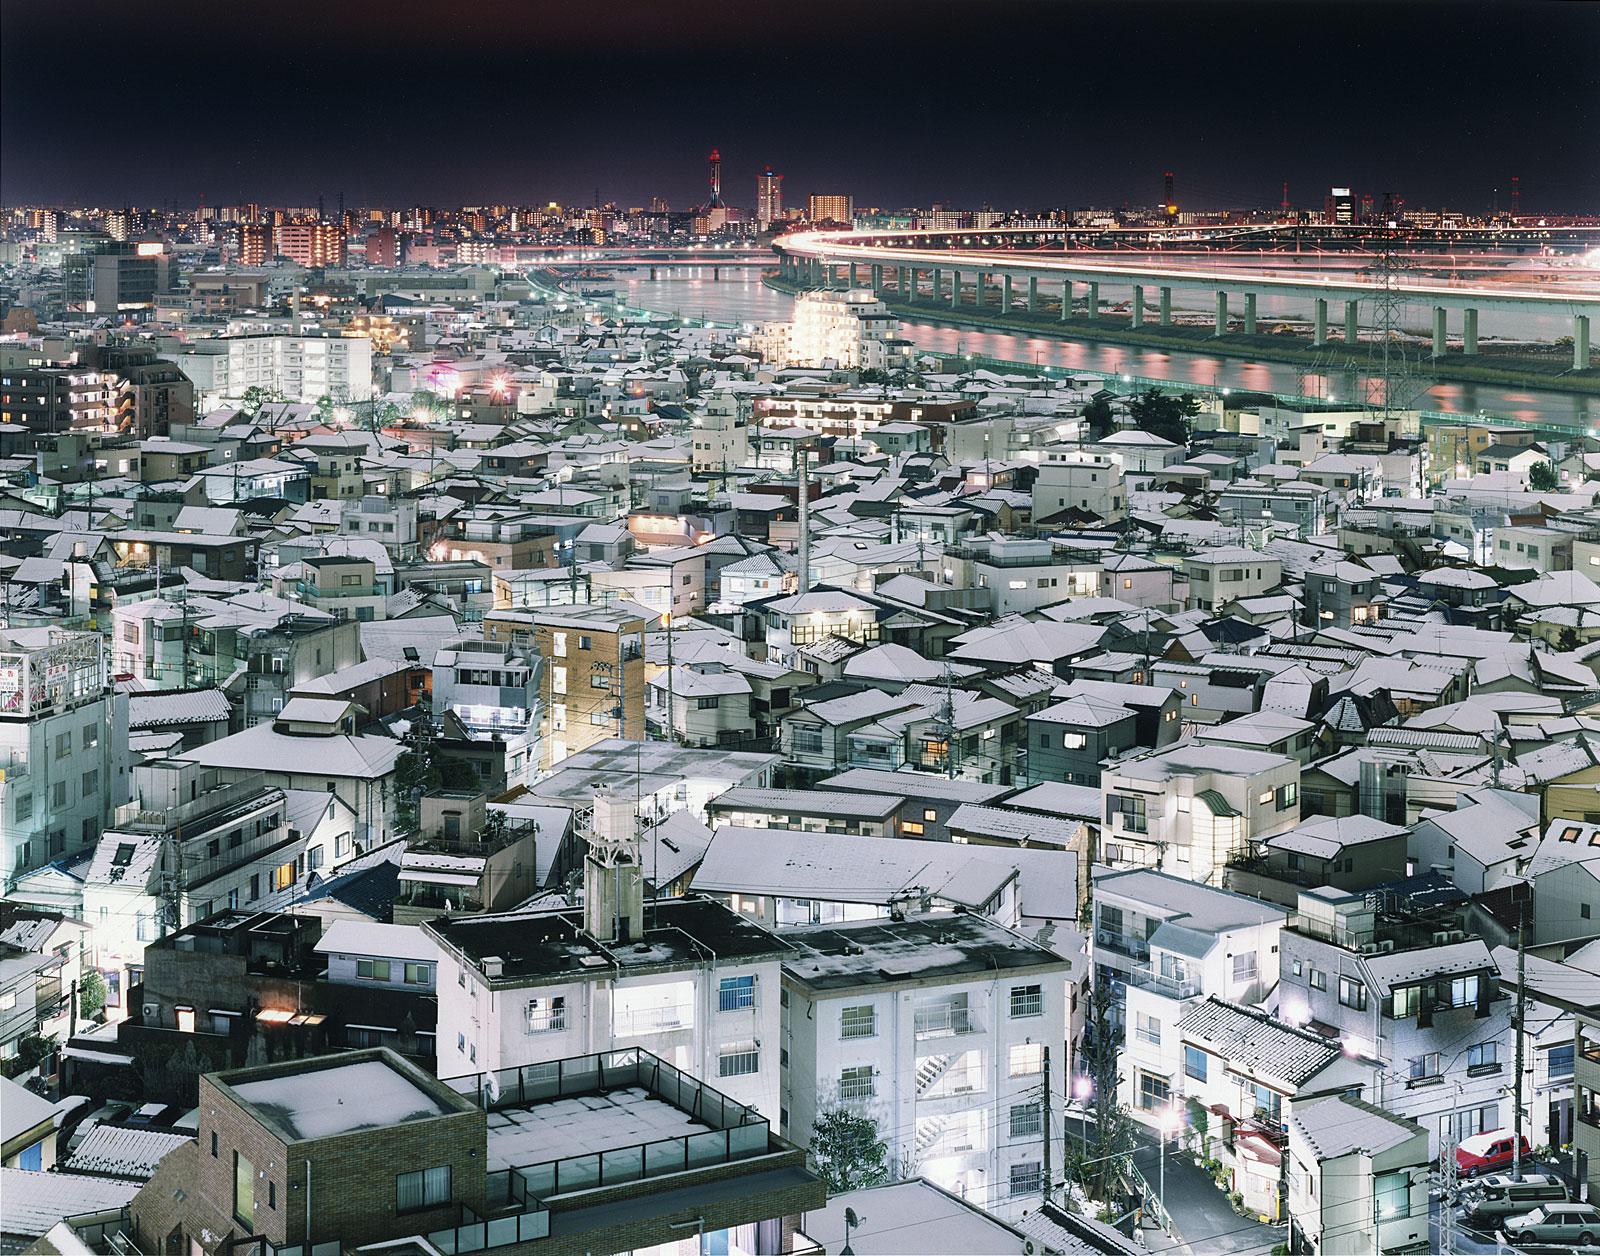 Sato Shintaro - Shinkoiwa Katsushika-ku 2005